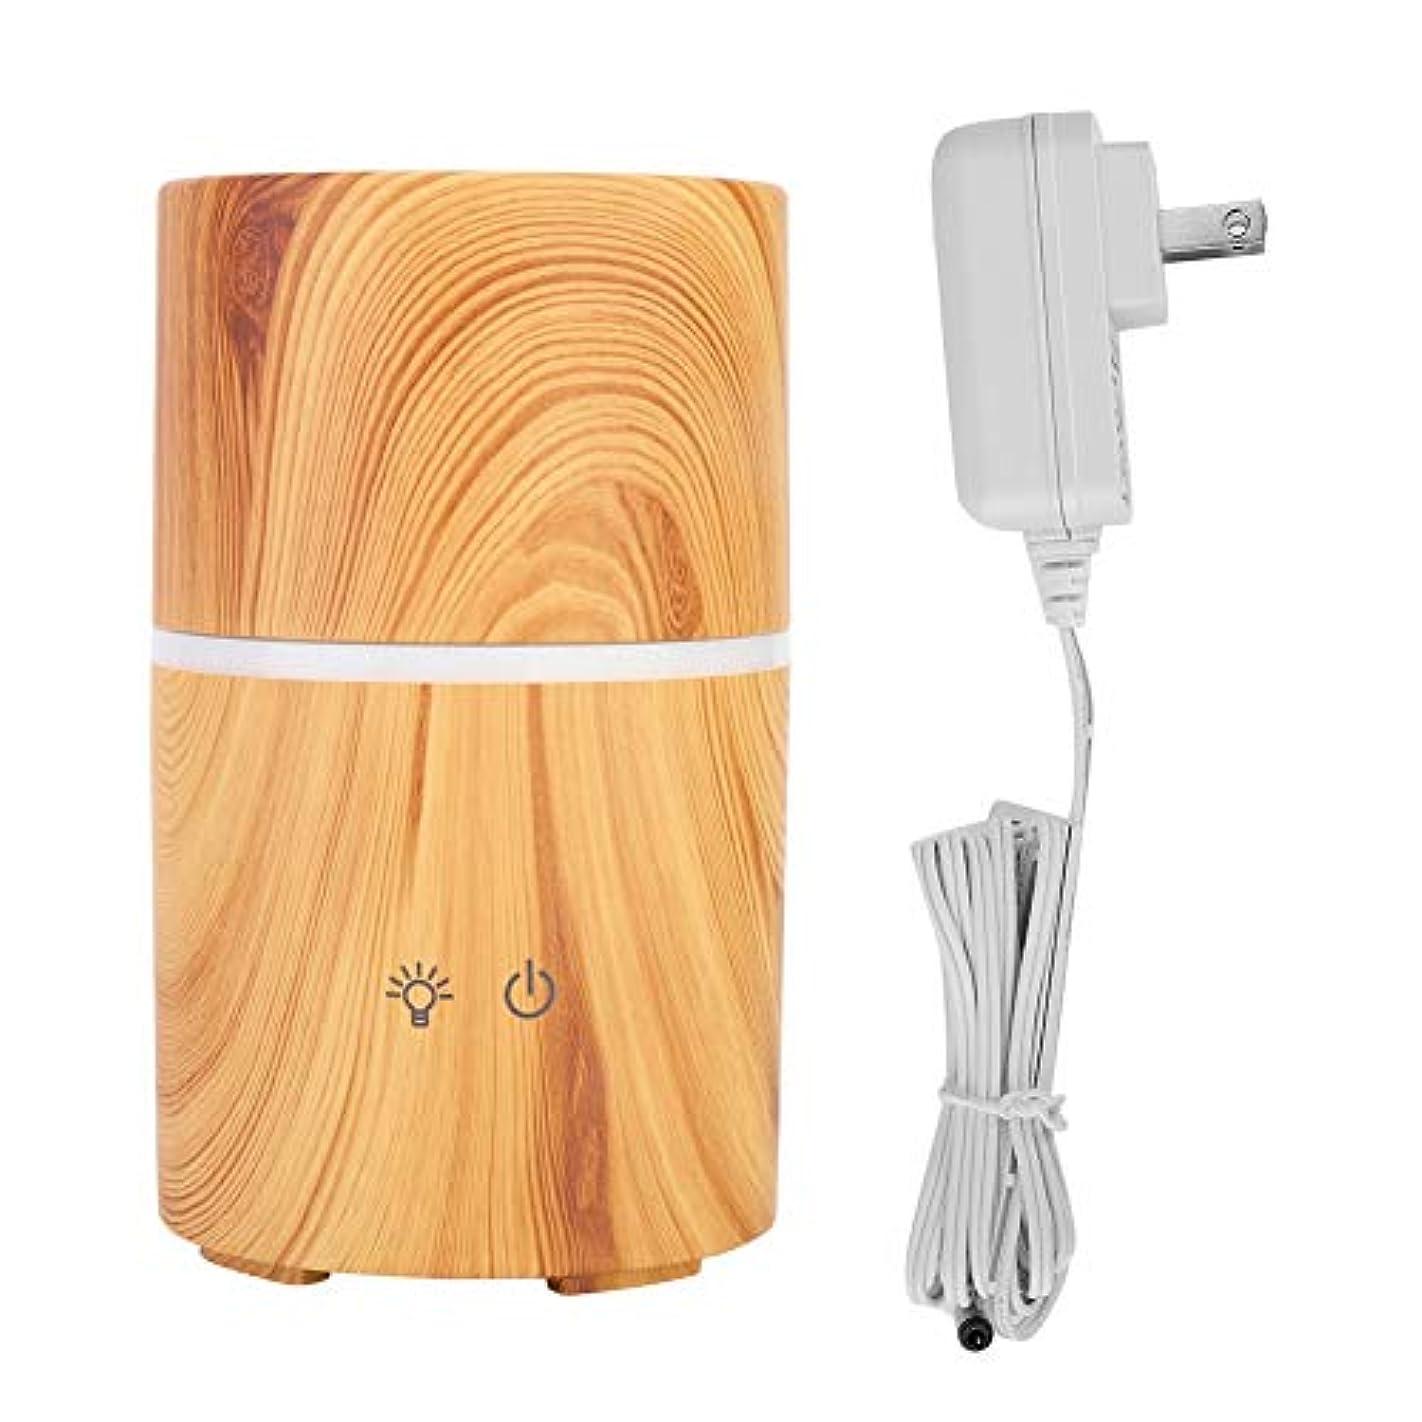 彫刻家危険にさらされているナサニエル区アロマセラピーディフューザー、多目的木目LEDインテリジェントディフューザーワイヤレススピーカー加湿器家庭用装飾(USプラグ100-240V)